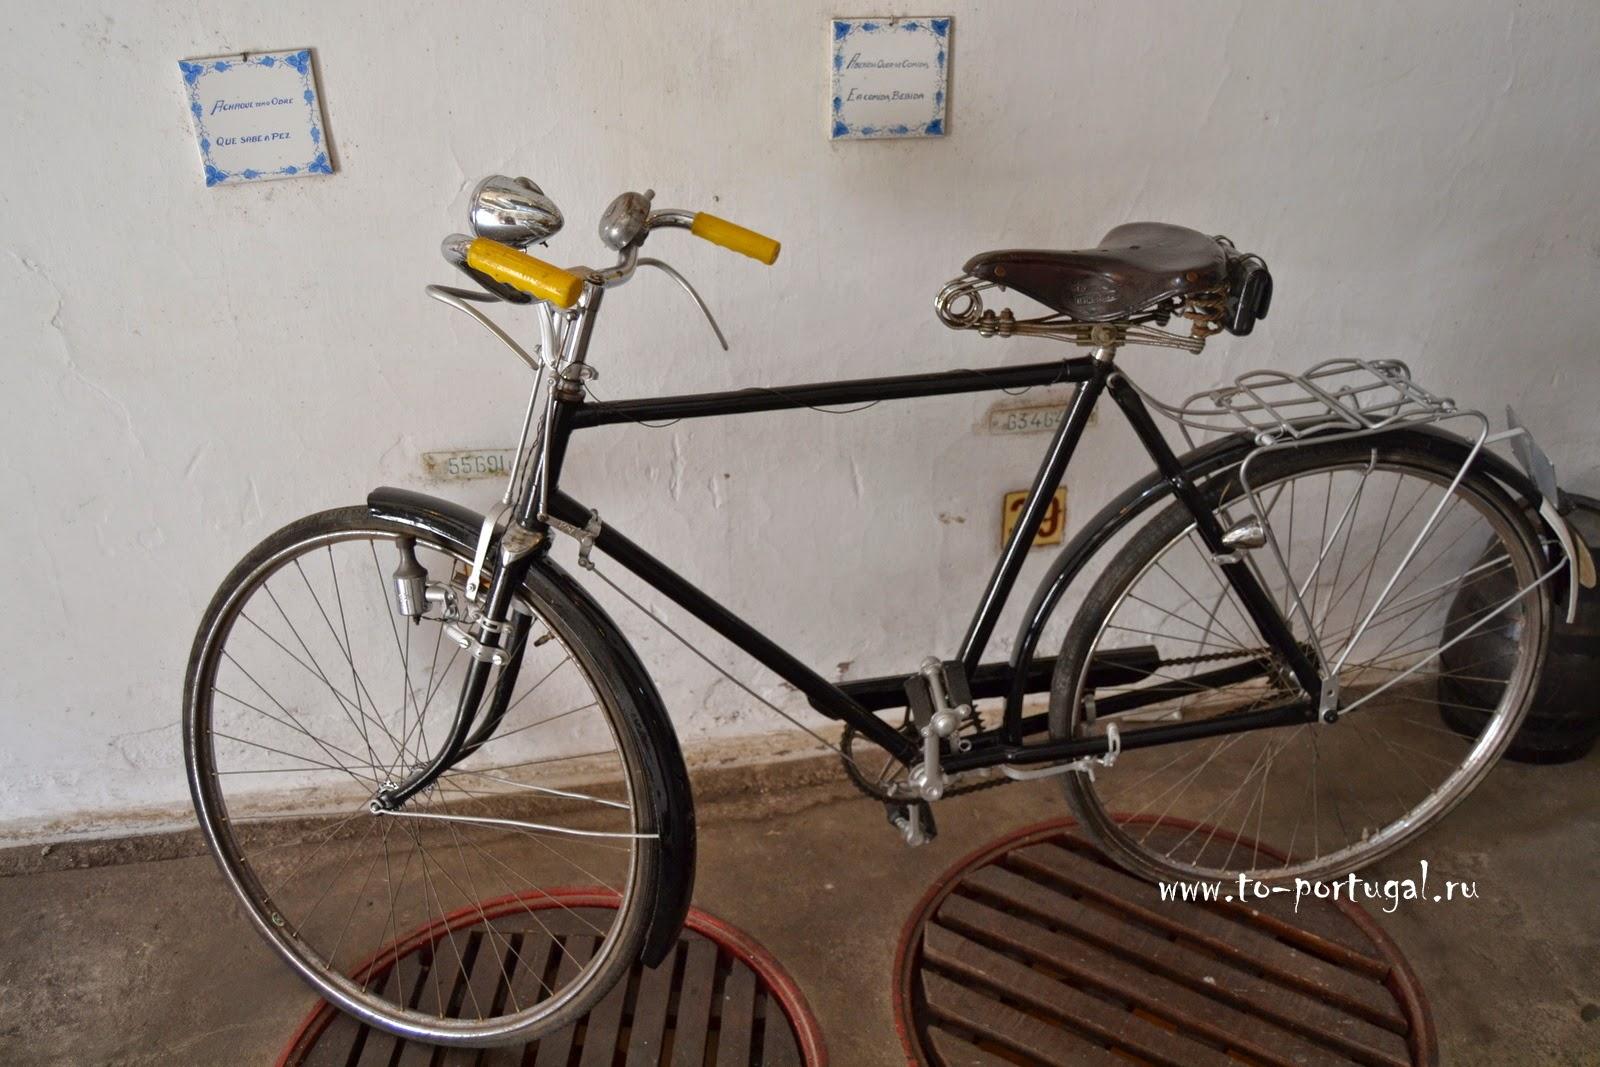 чем заняться в Португалии, на велосипеде по Португалии